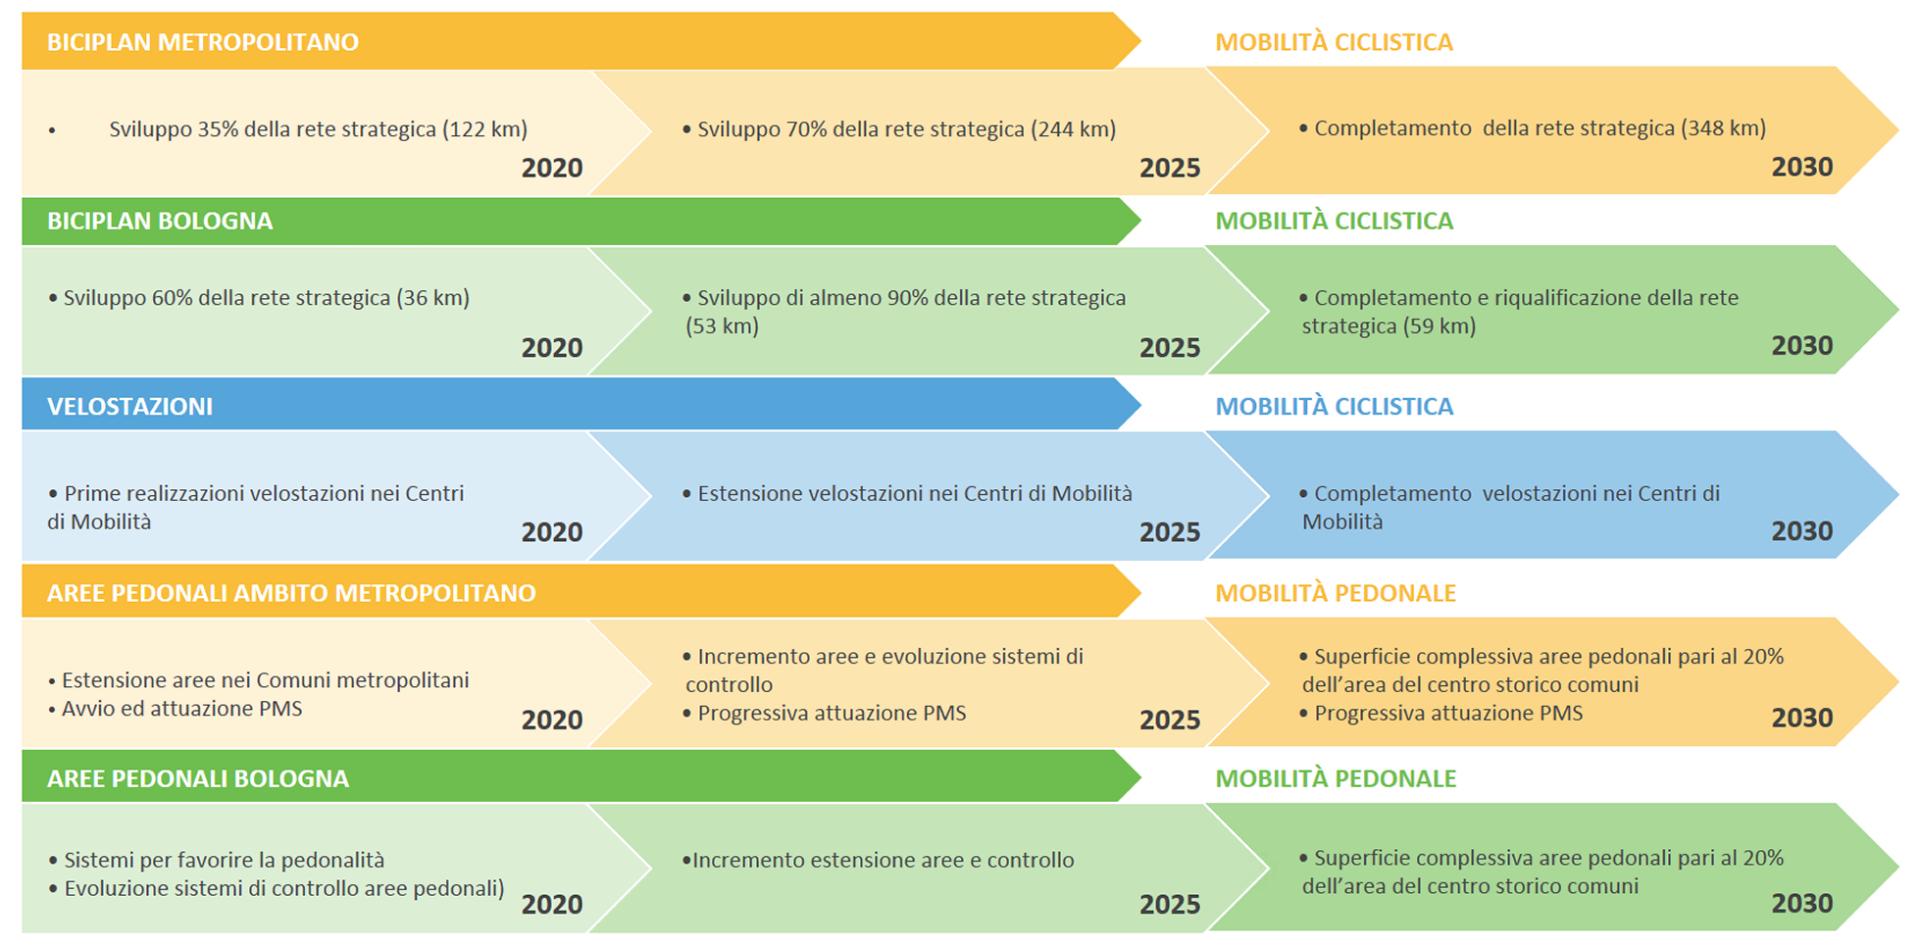 Le principali azioni di Piano rappresentate attraverso un quadro sintetico che consente di visualizzare le diverse fasi di attuazione previste - parte 2